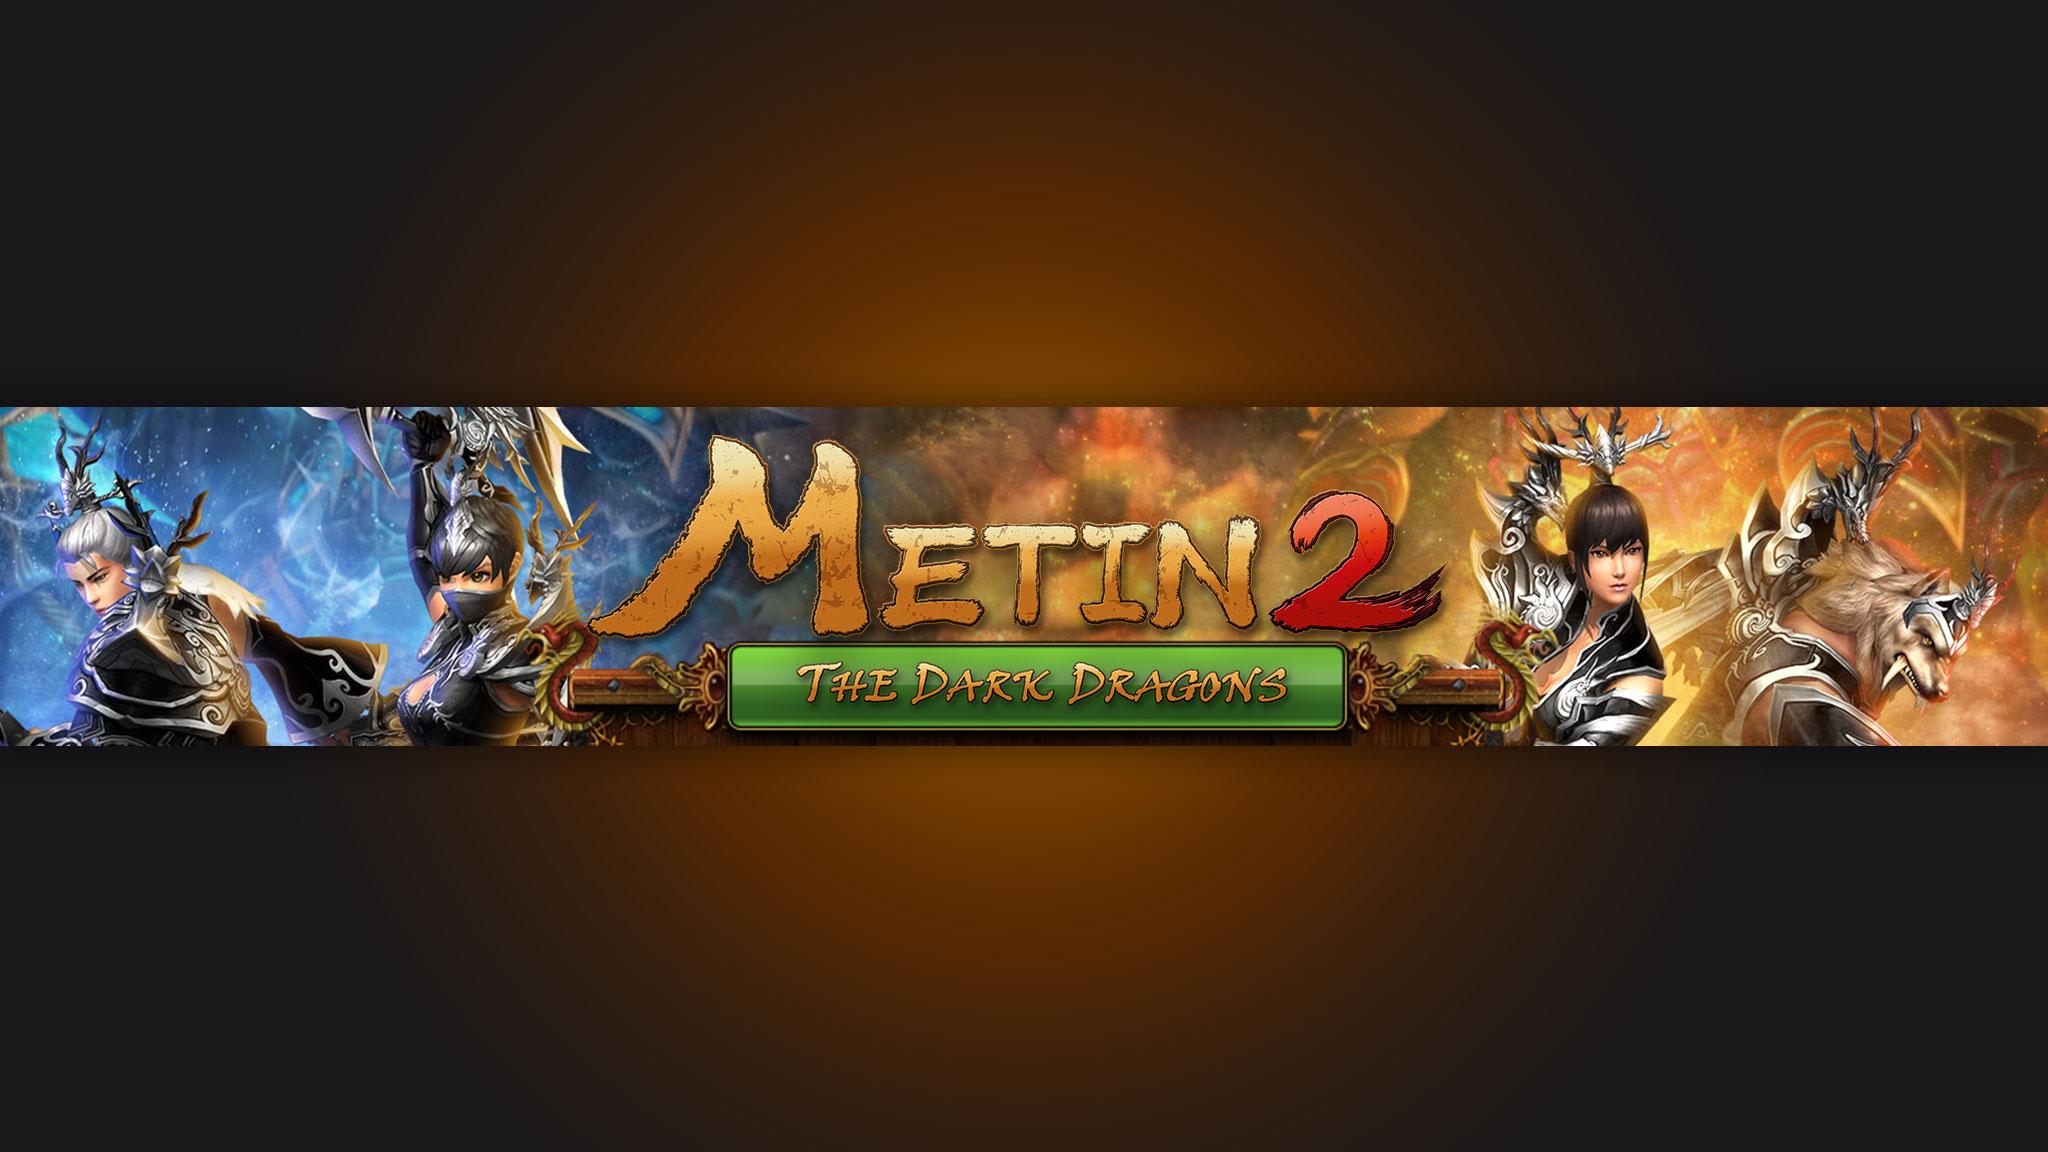 Обложка 2048х1152 по компьютерной игре Metin2 с вымышленными персонажами.